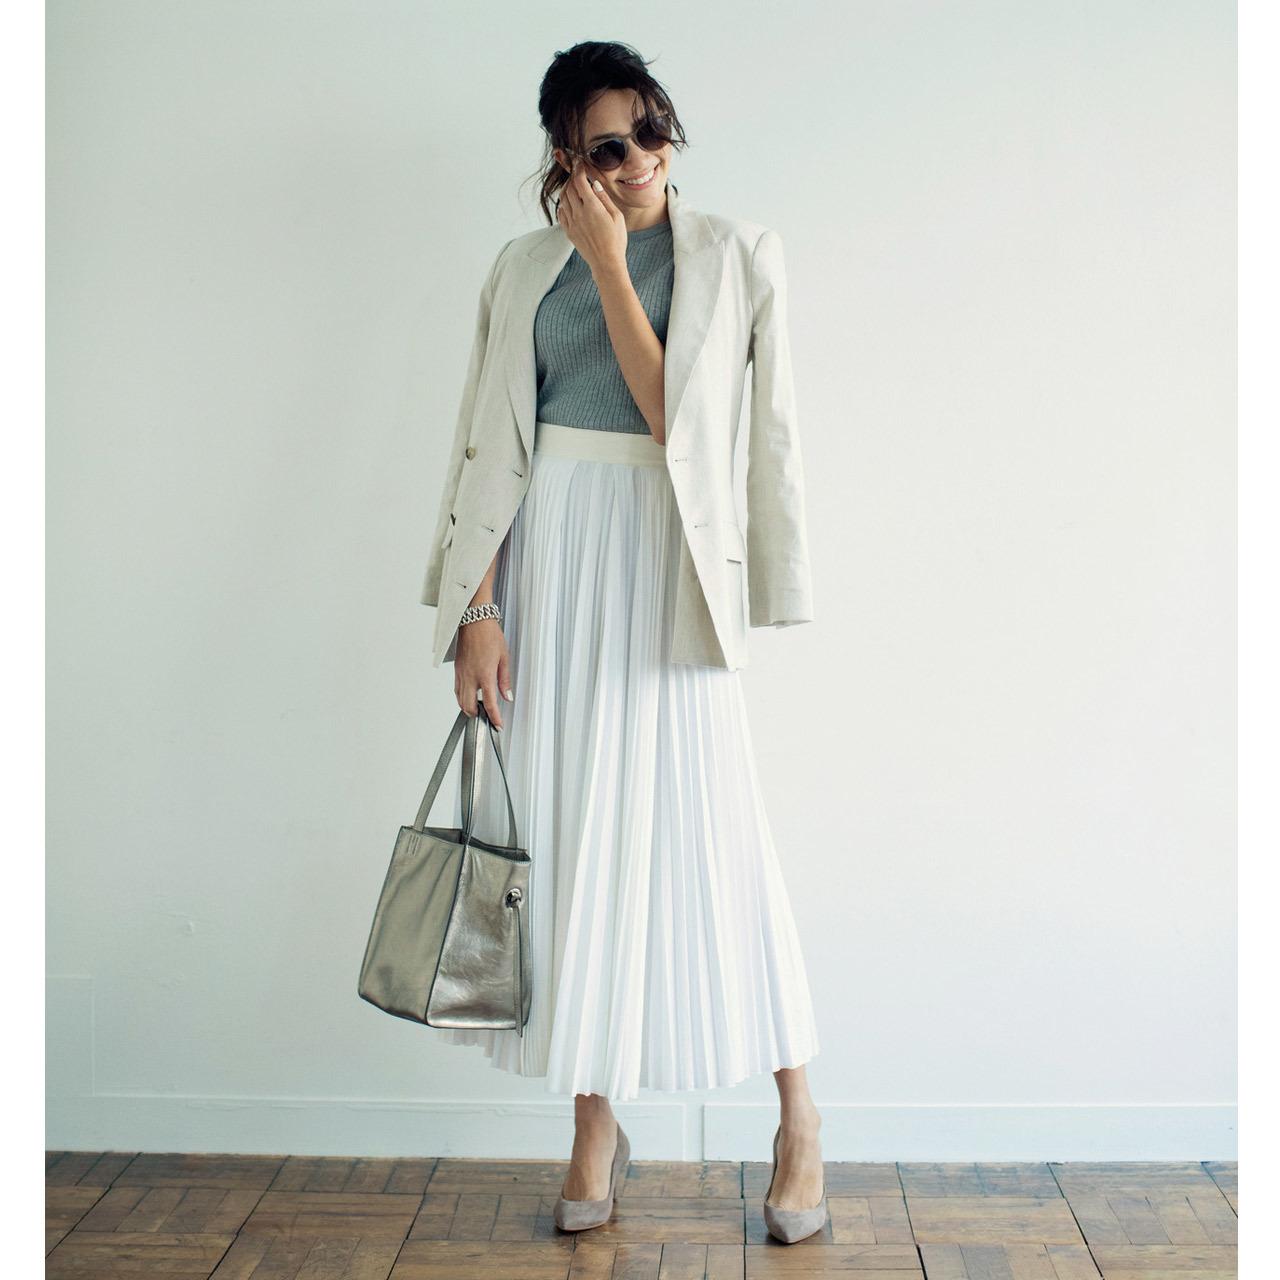 ベージュのテーラードジャケット×白のプリーツスカートのファッションコーデ